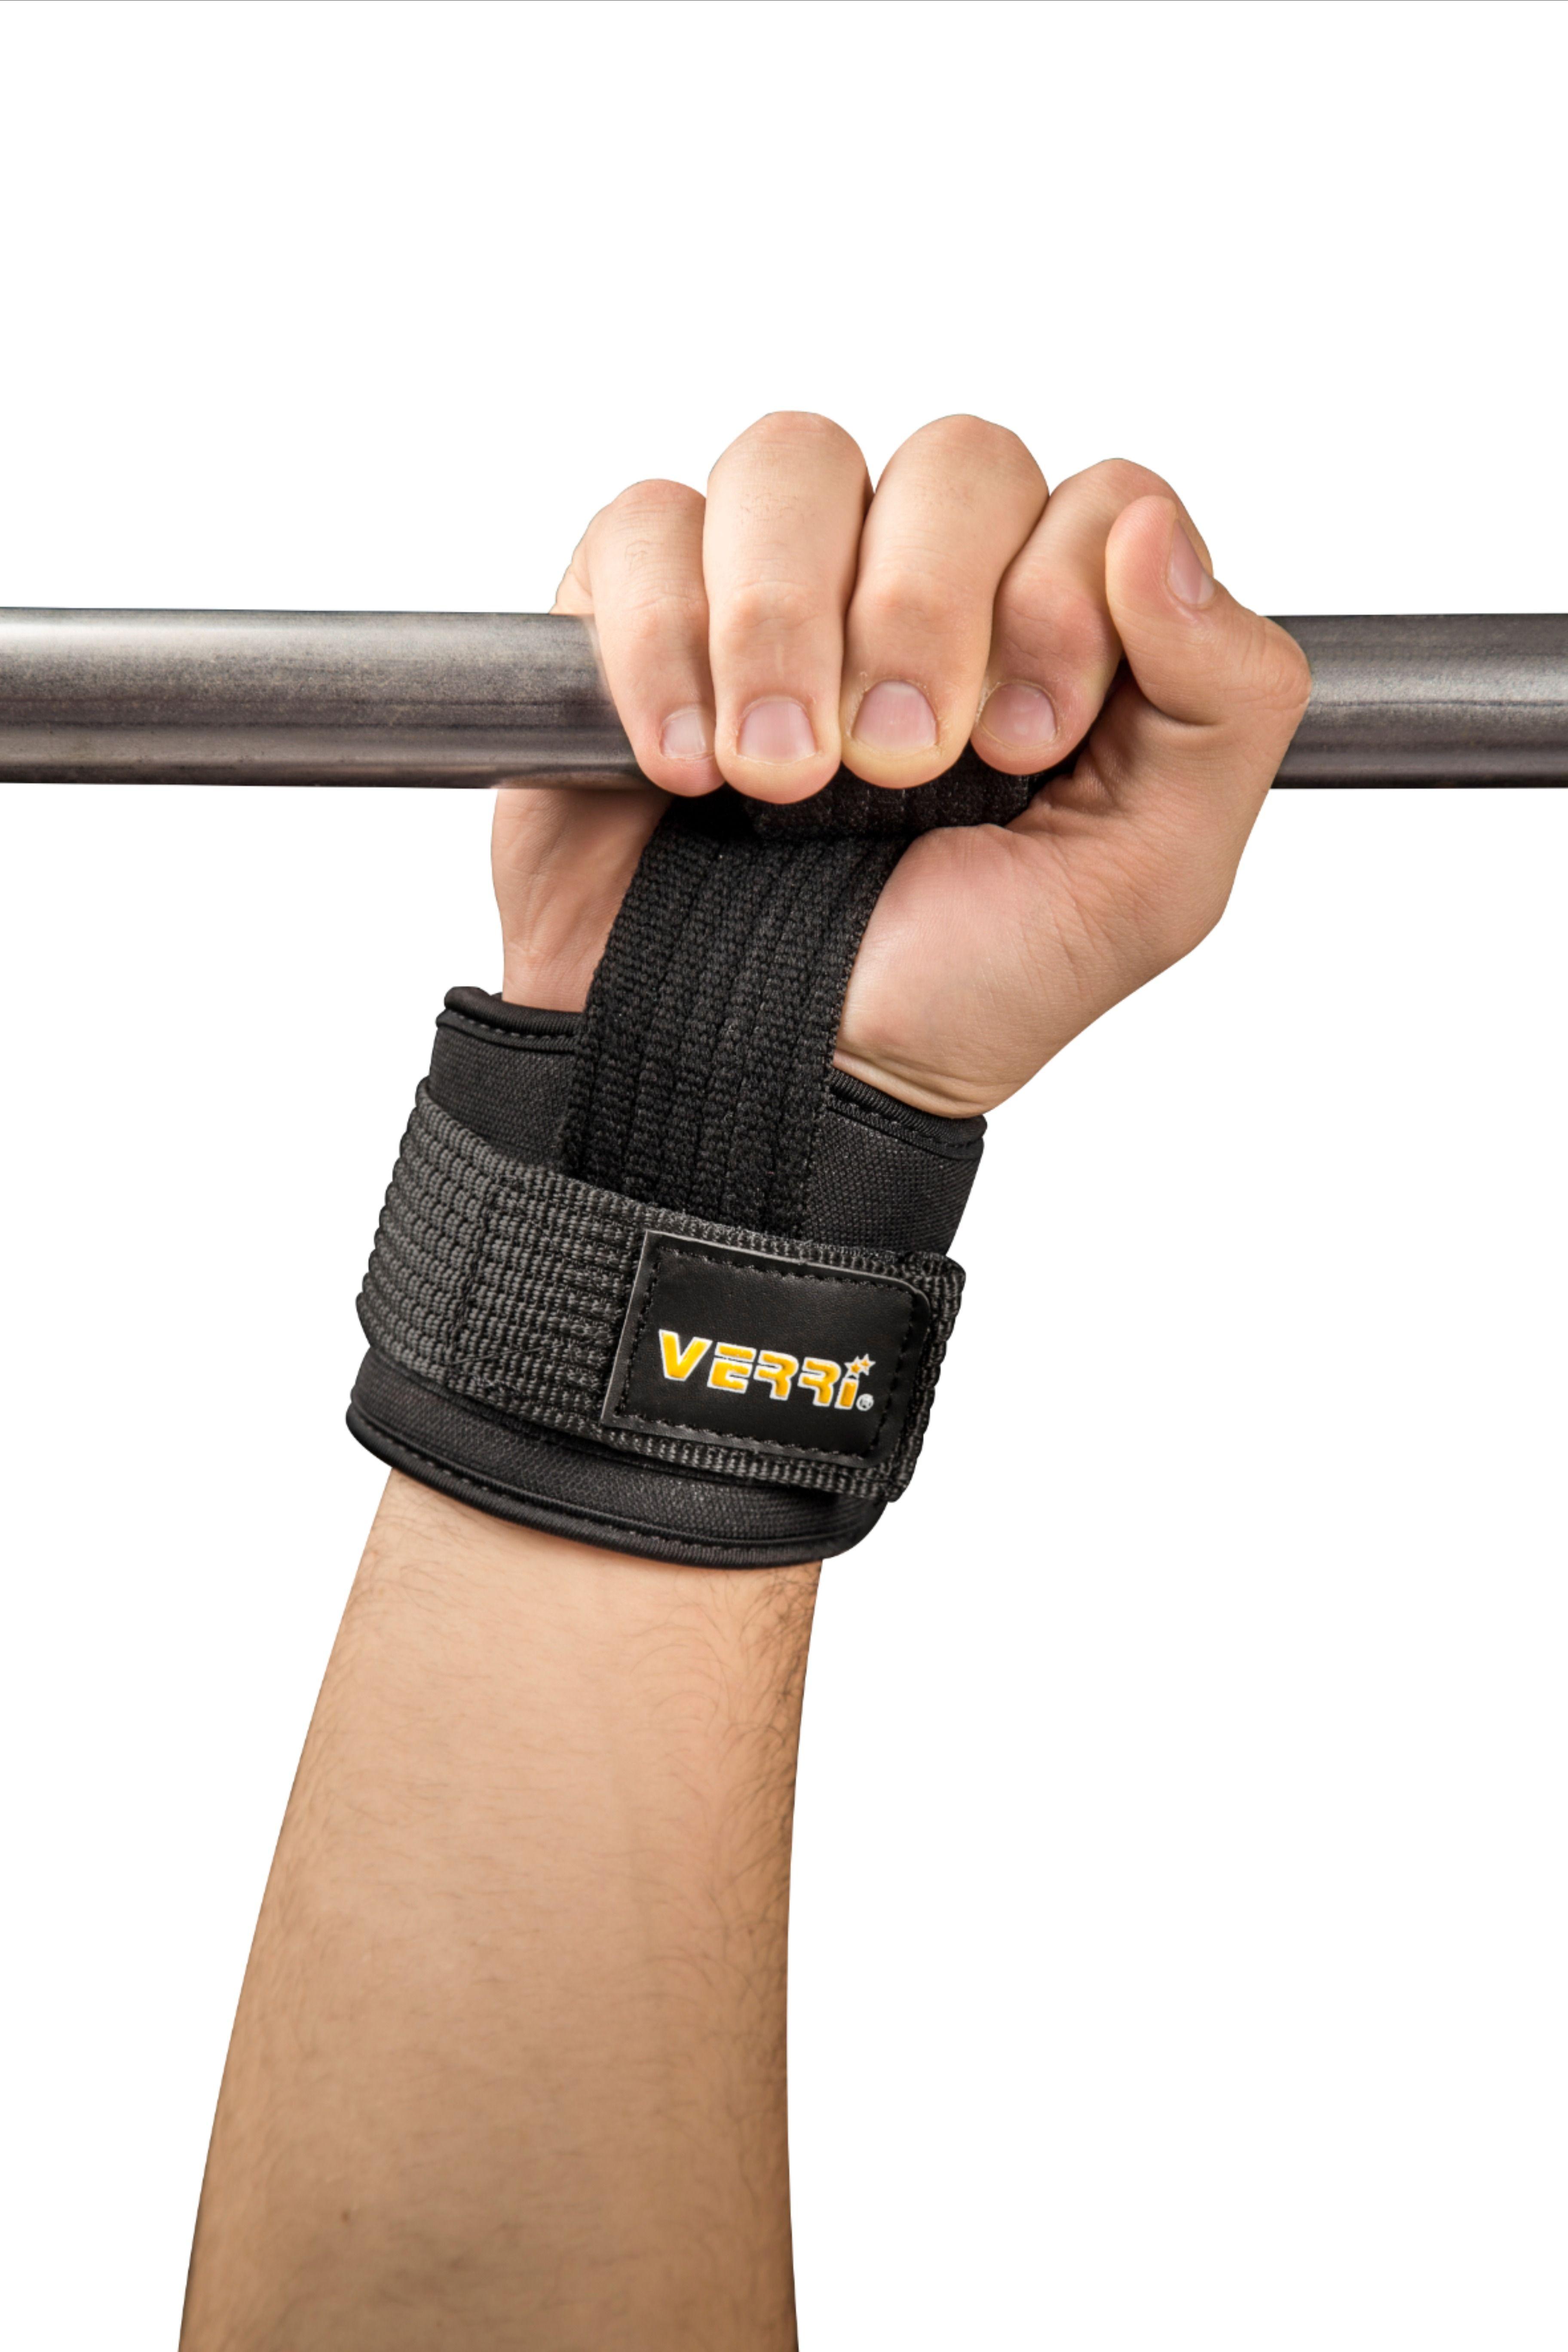 Protege tu cuerpo mientras realizas tus ejercicios 🏋🏻♂️🏋🏻♂️  Usa accesorios marca Verri para acomp...